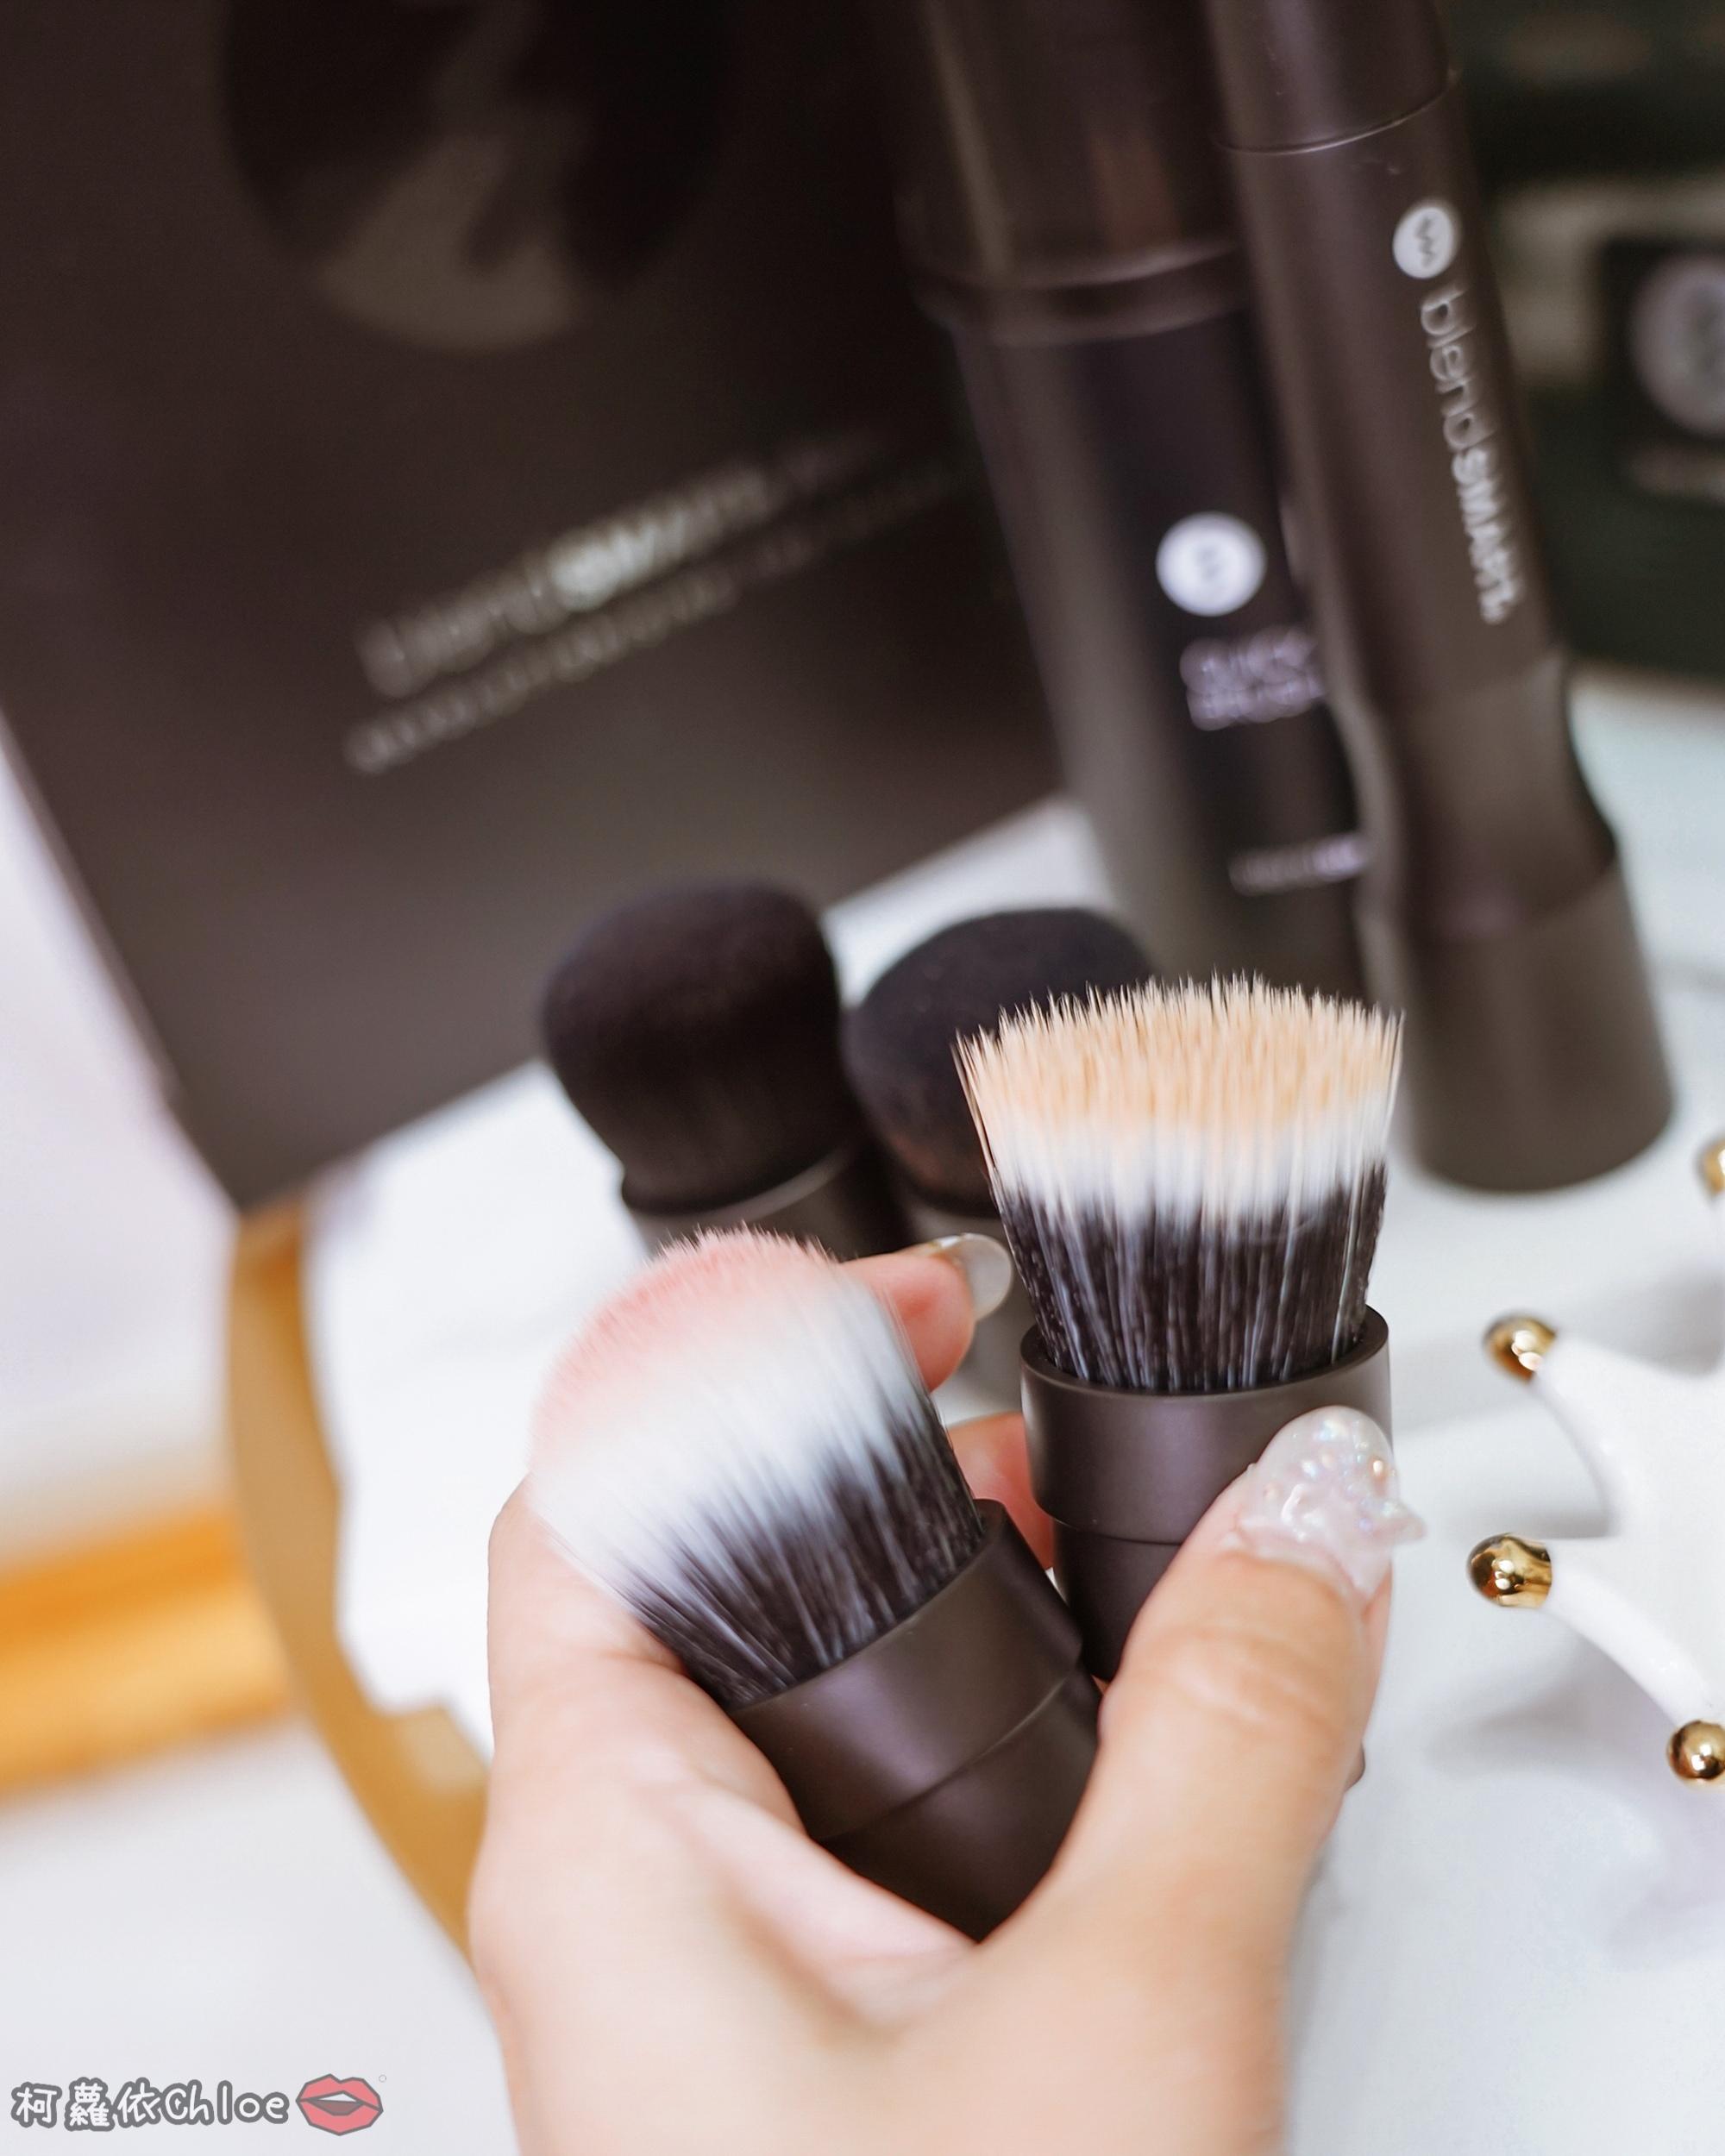 彩妝工具推薦 blendSMART電動化妝刷 達人套裝開箱 上妝輕柔更有效率41.jpg